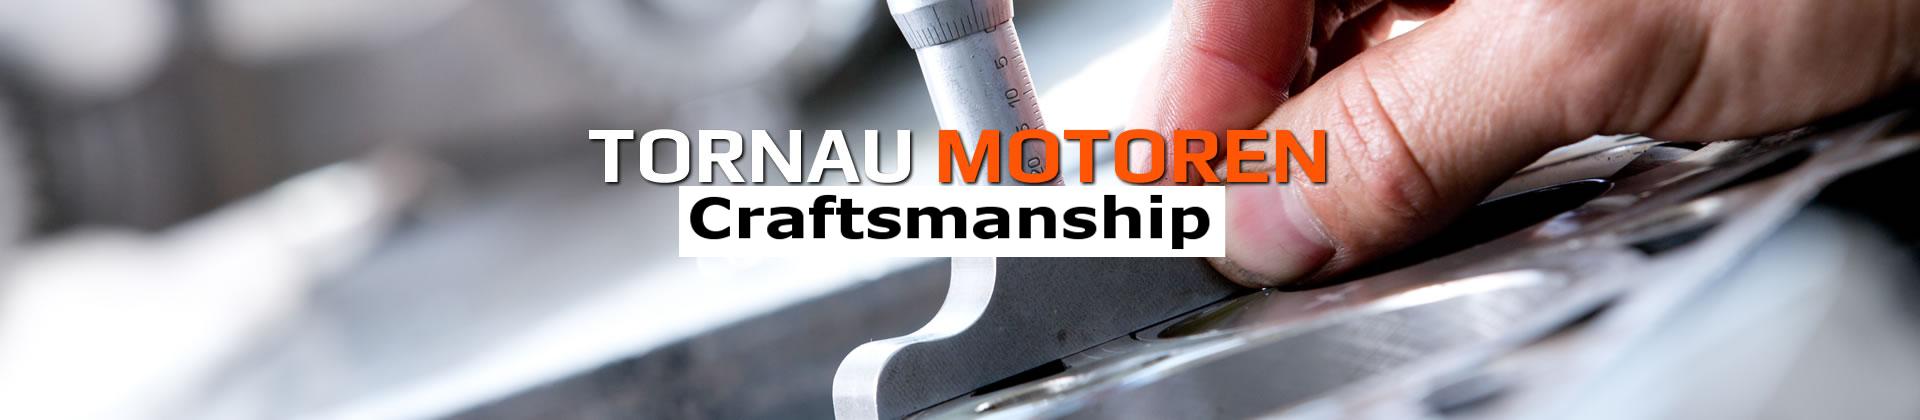 Tornau Motoren - Handwerkliche Präzision